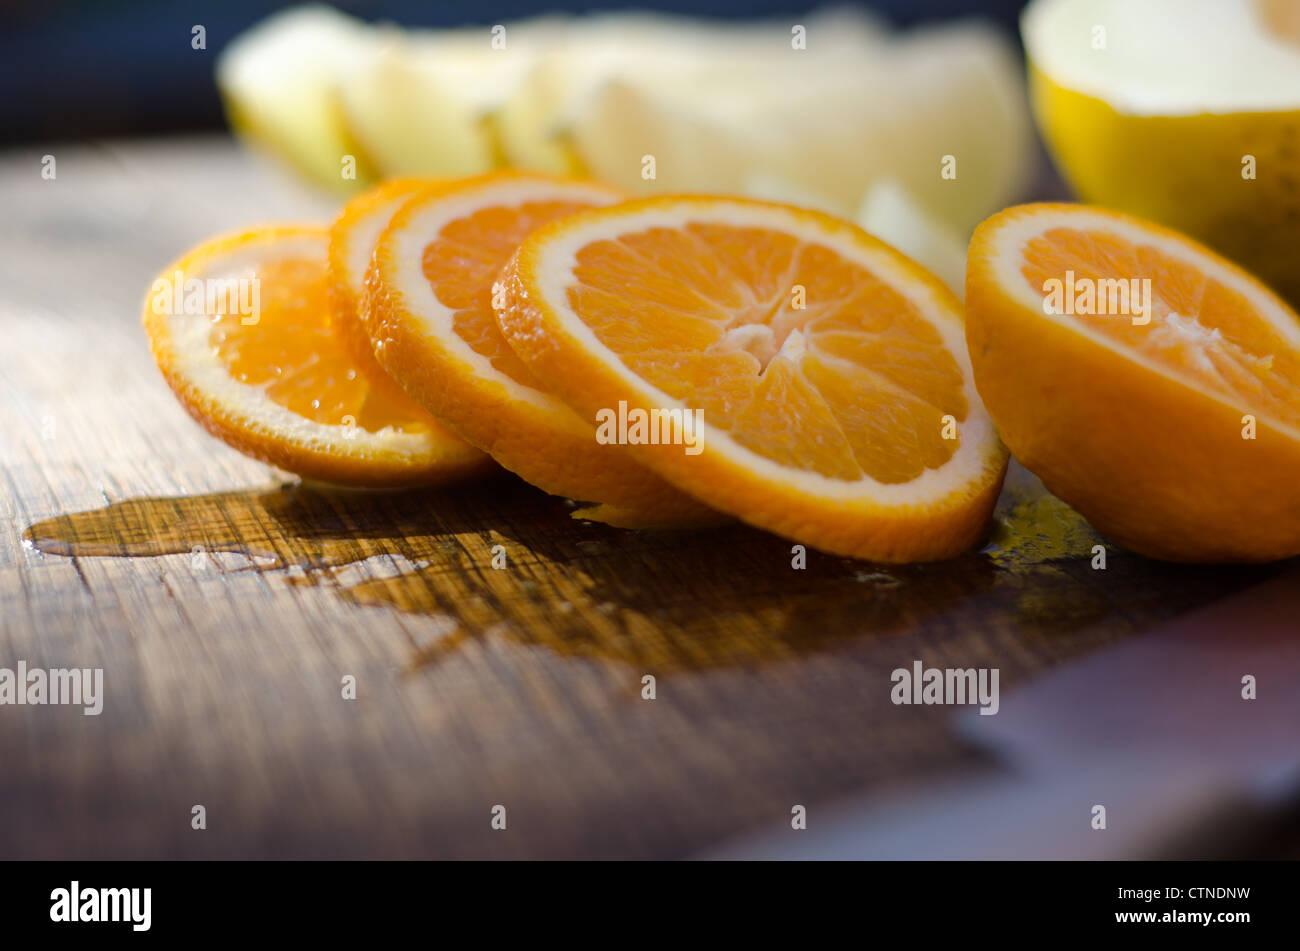 Fette di taglio fresco di colore arancione su una scheda di quercia con fuori fuoco melone in background. Immagini Stock